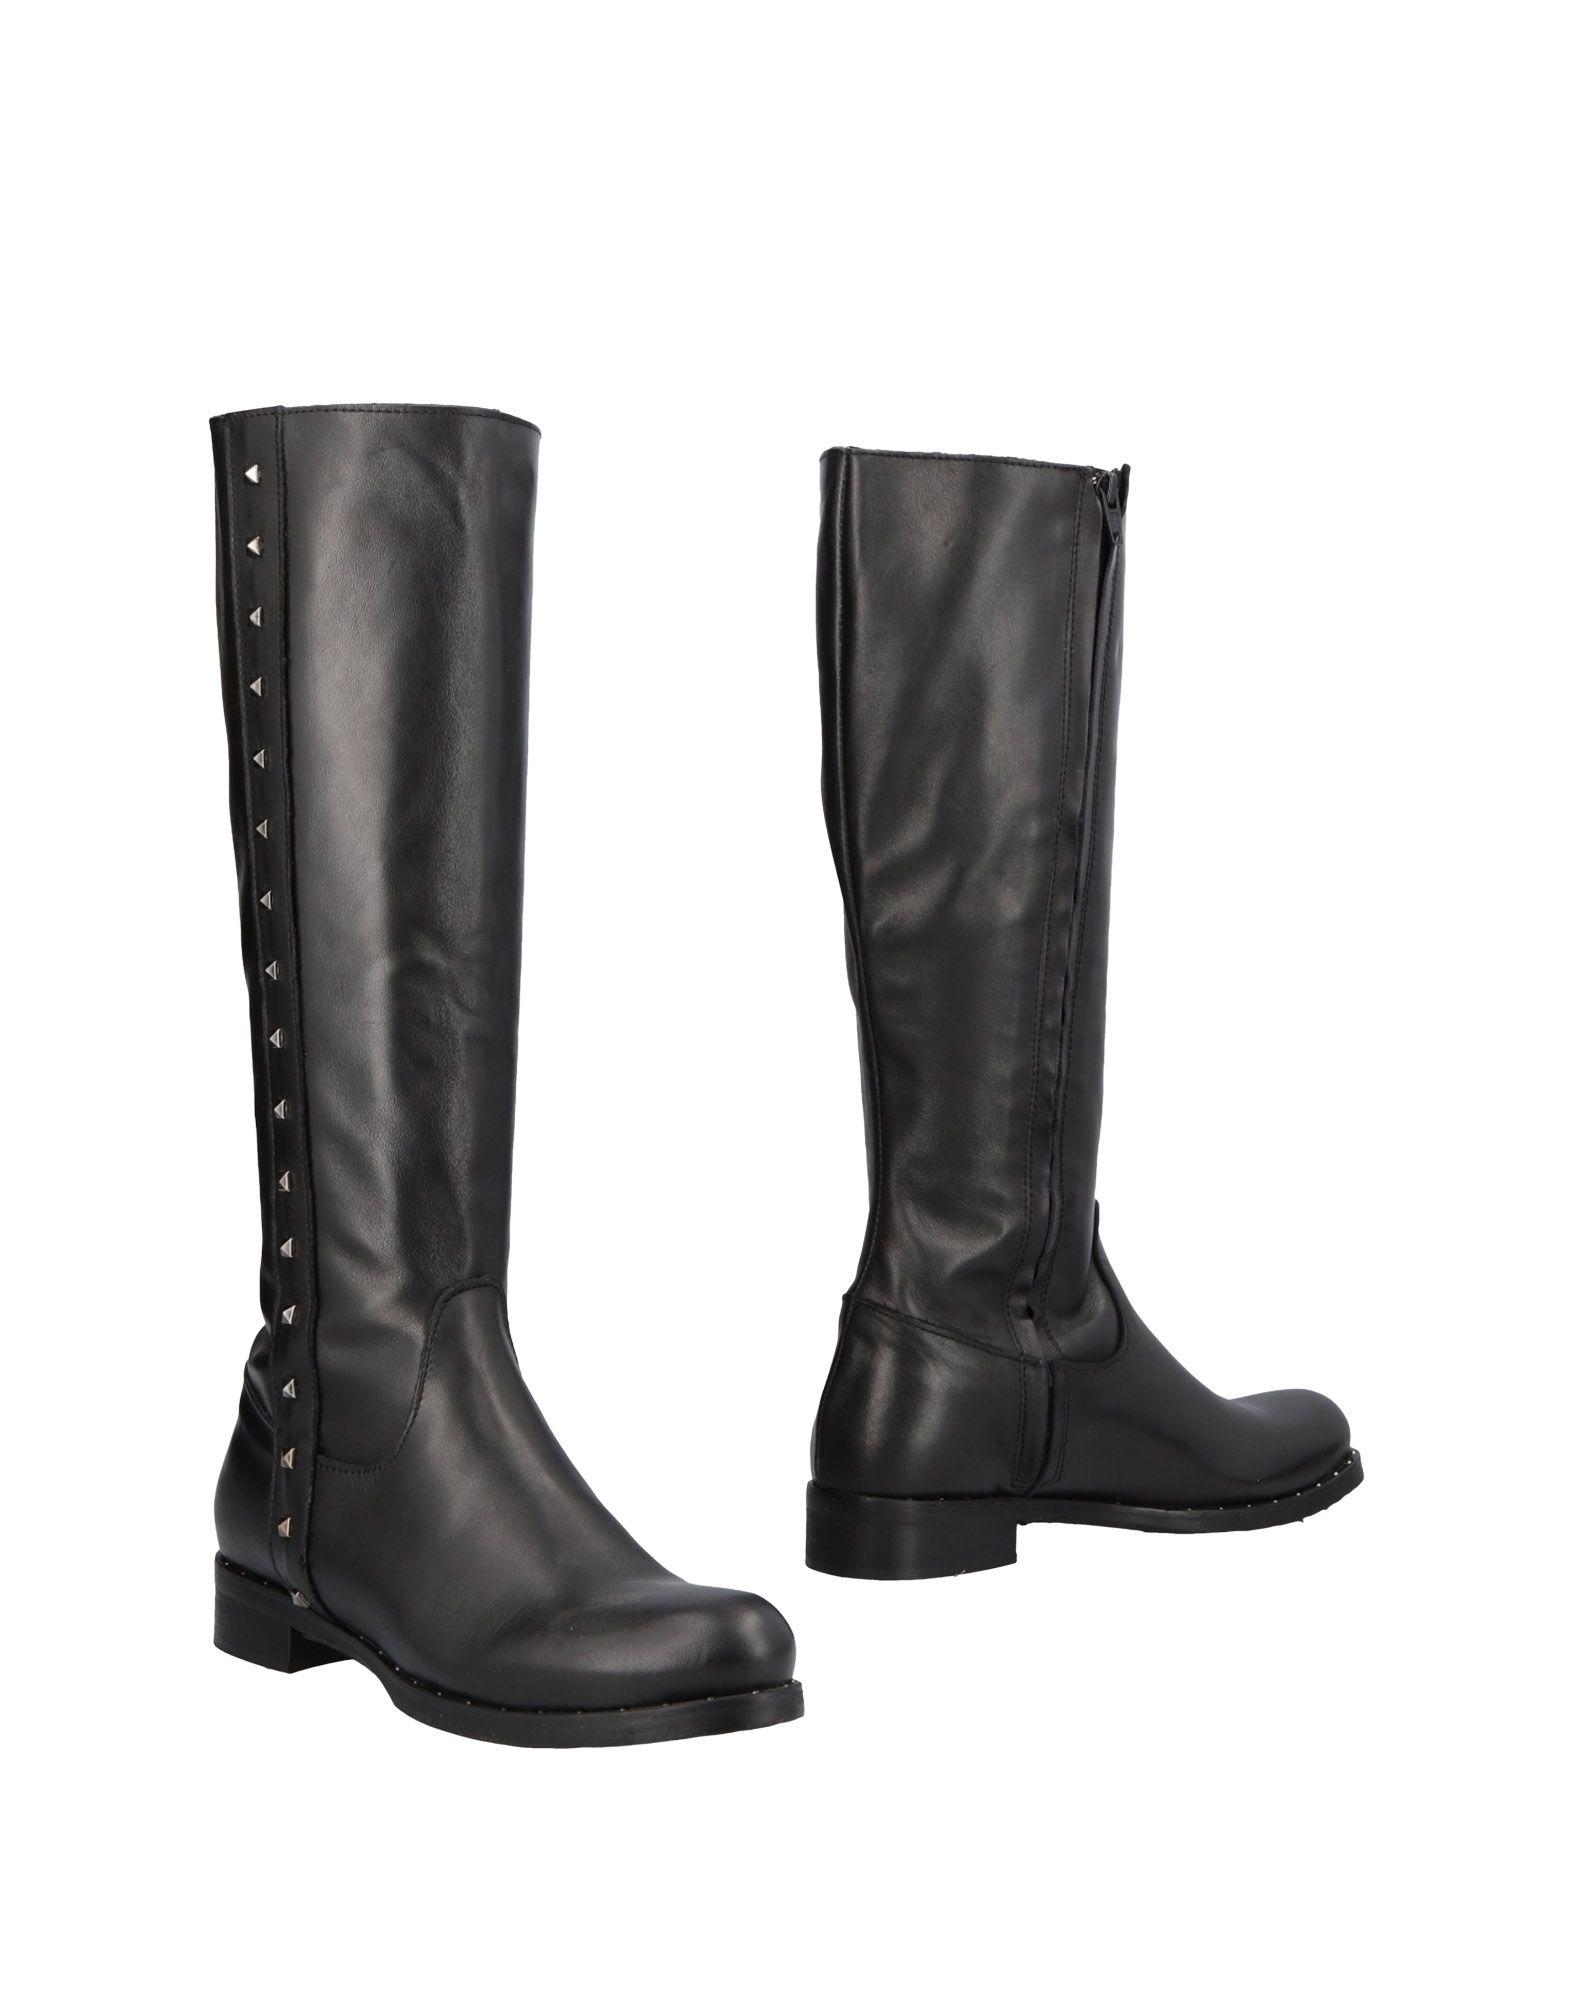 Moda Stivali Unlace Donna Donna Unlace - 11473174DK 729652